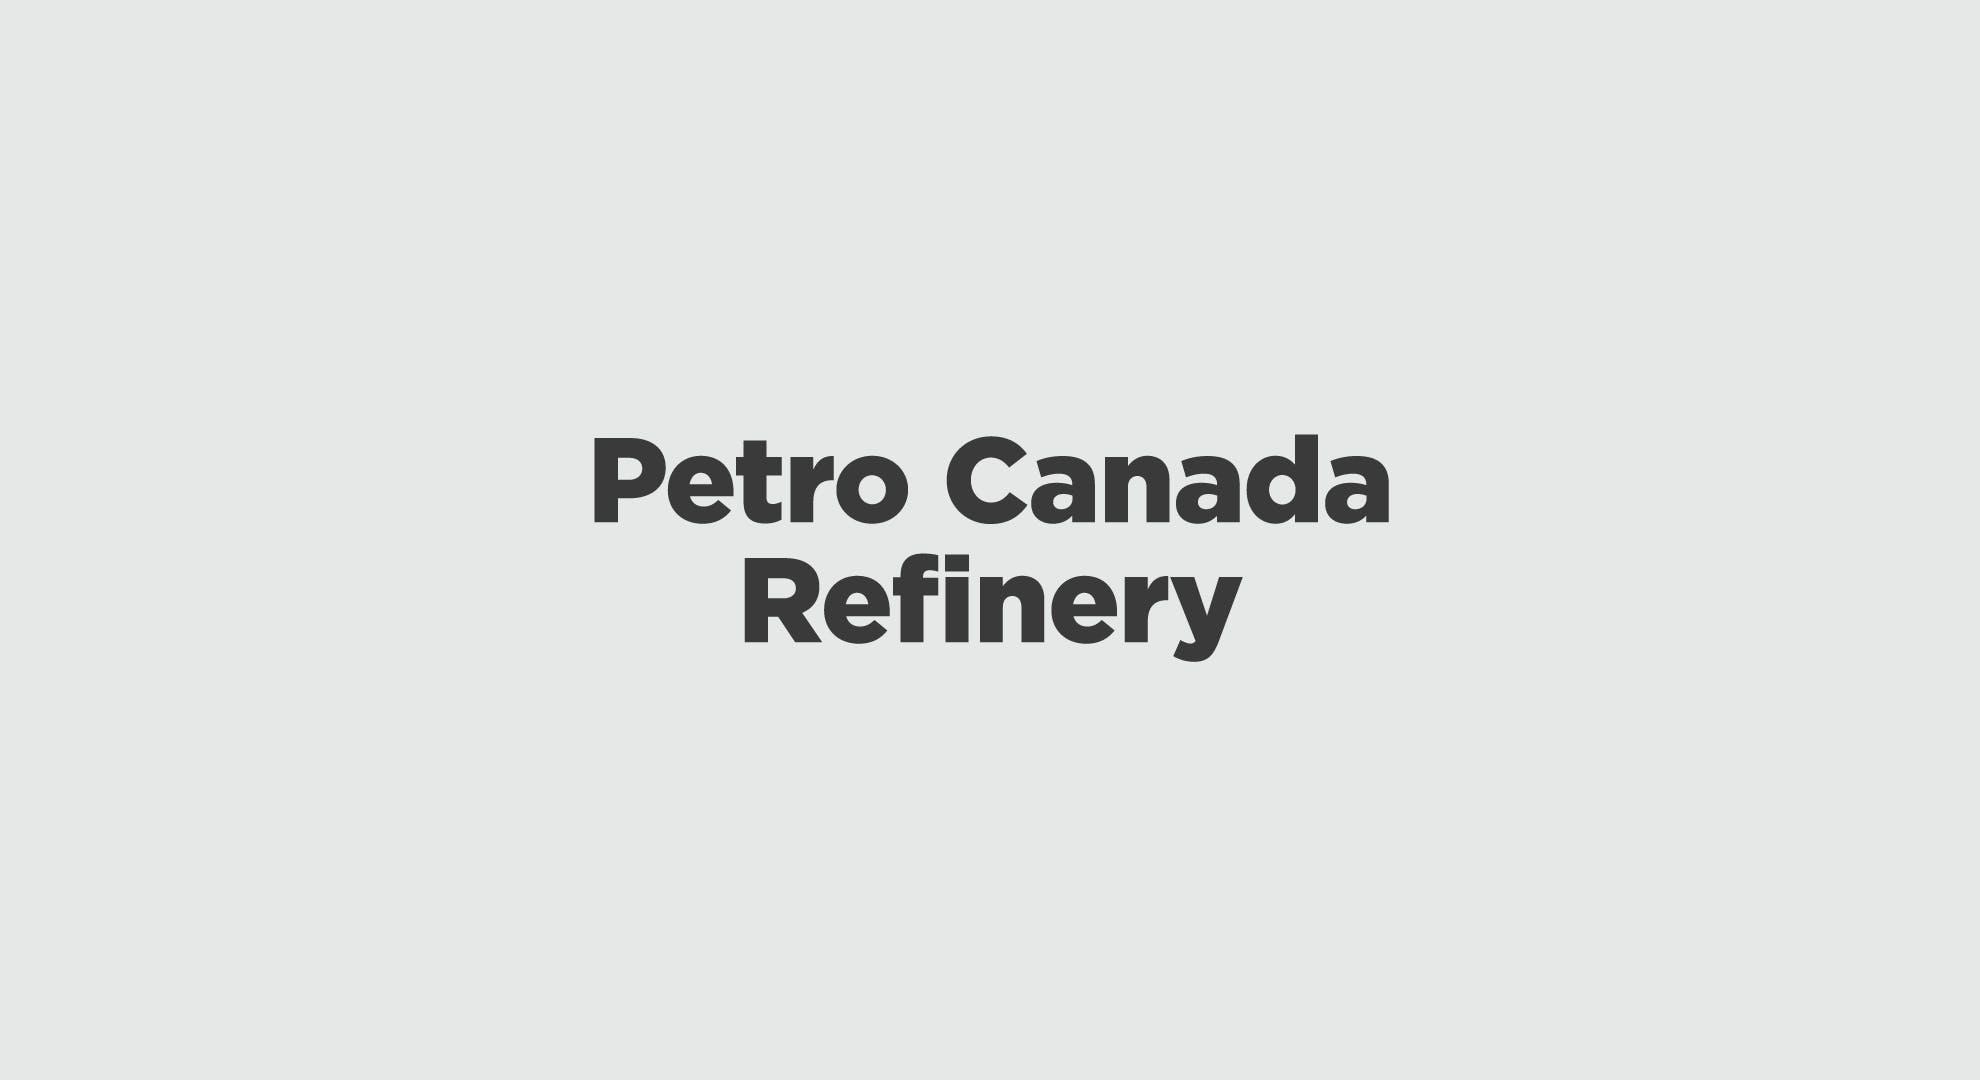 Petro Canada Refinery Graphic